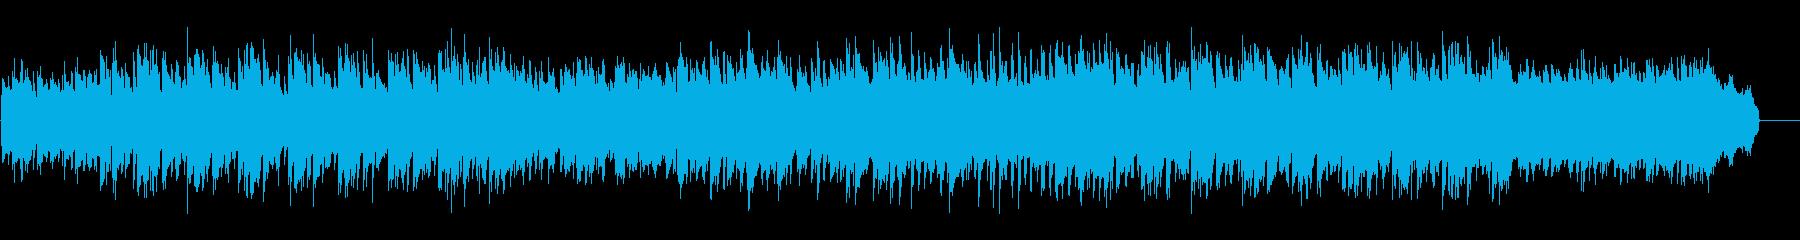 【パーカス抜】お気楽なカントリージャズの再生済みの波形